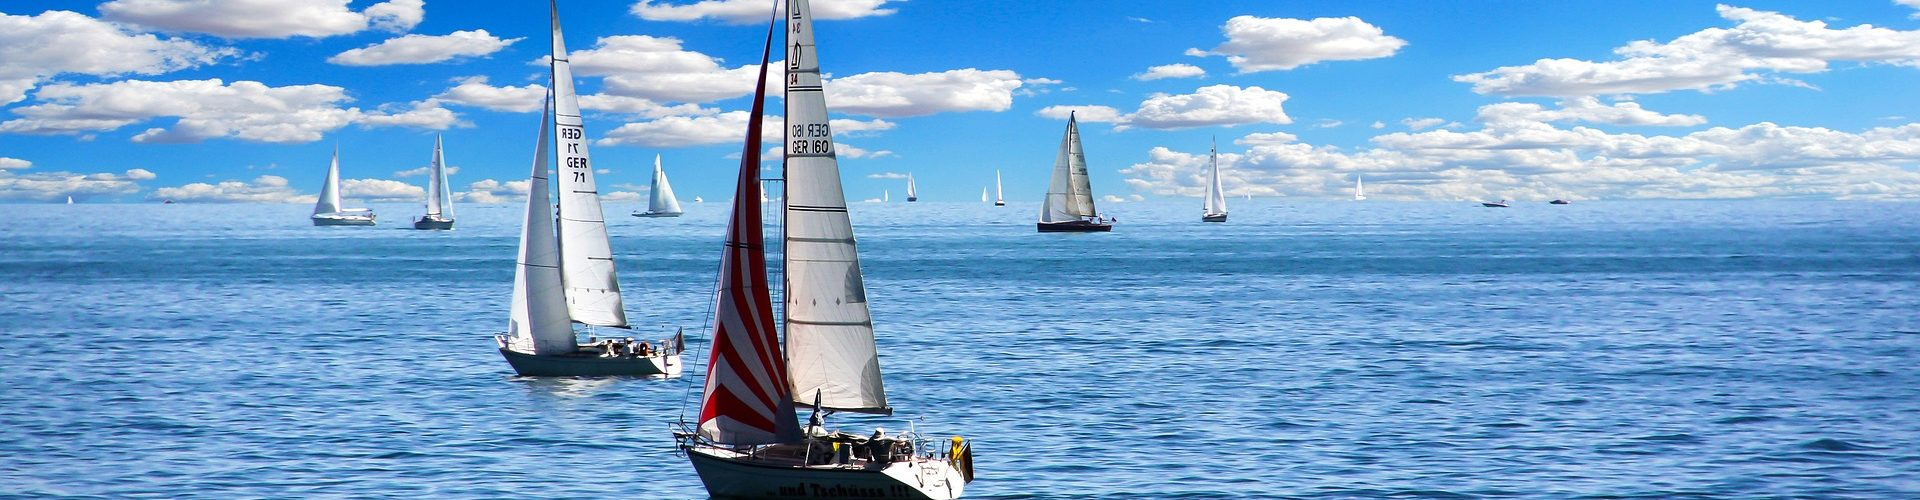 segeln lernen in Nörvenich segelschein machen in Nörvenich 1920x500 - Segeln lernen in Nörvenich